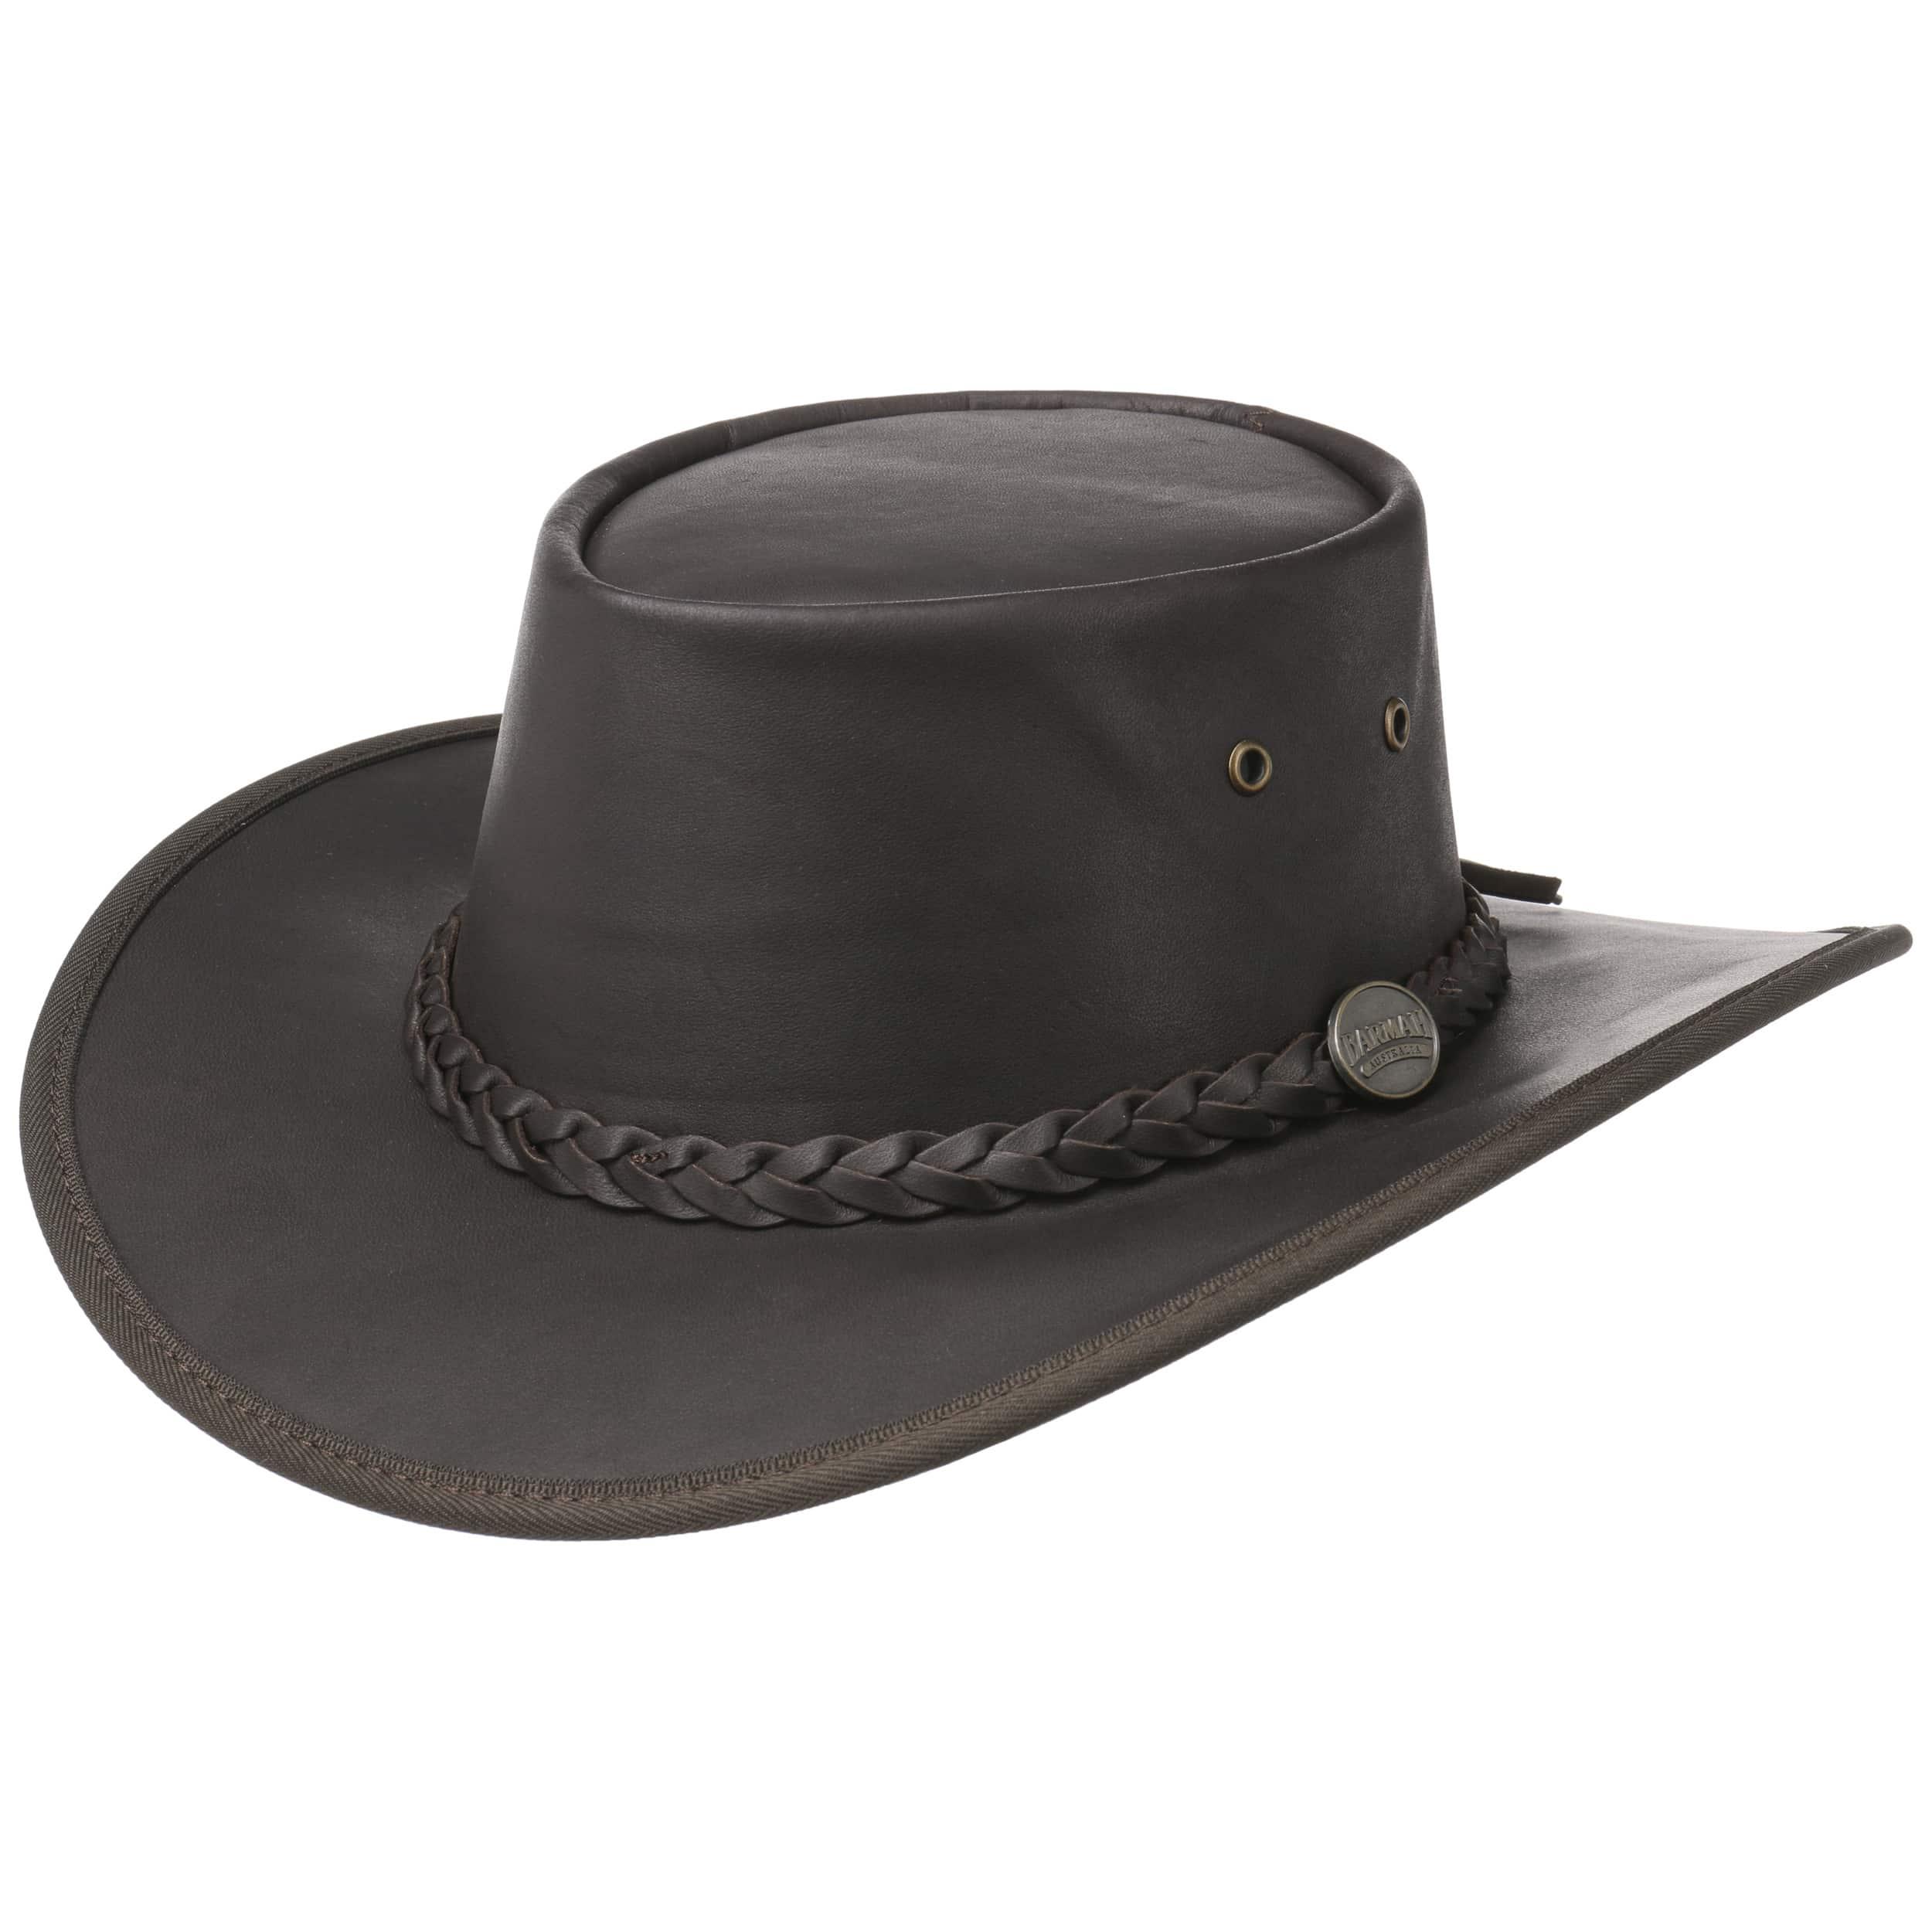 Sombrero Piel Squashy Outback by BARMAH - Sombreros - sombreroshop.es 33f3de17a39